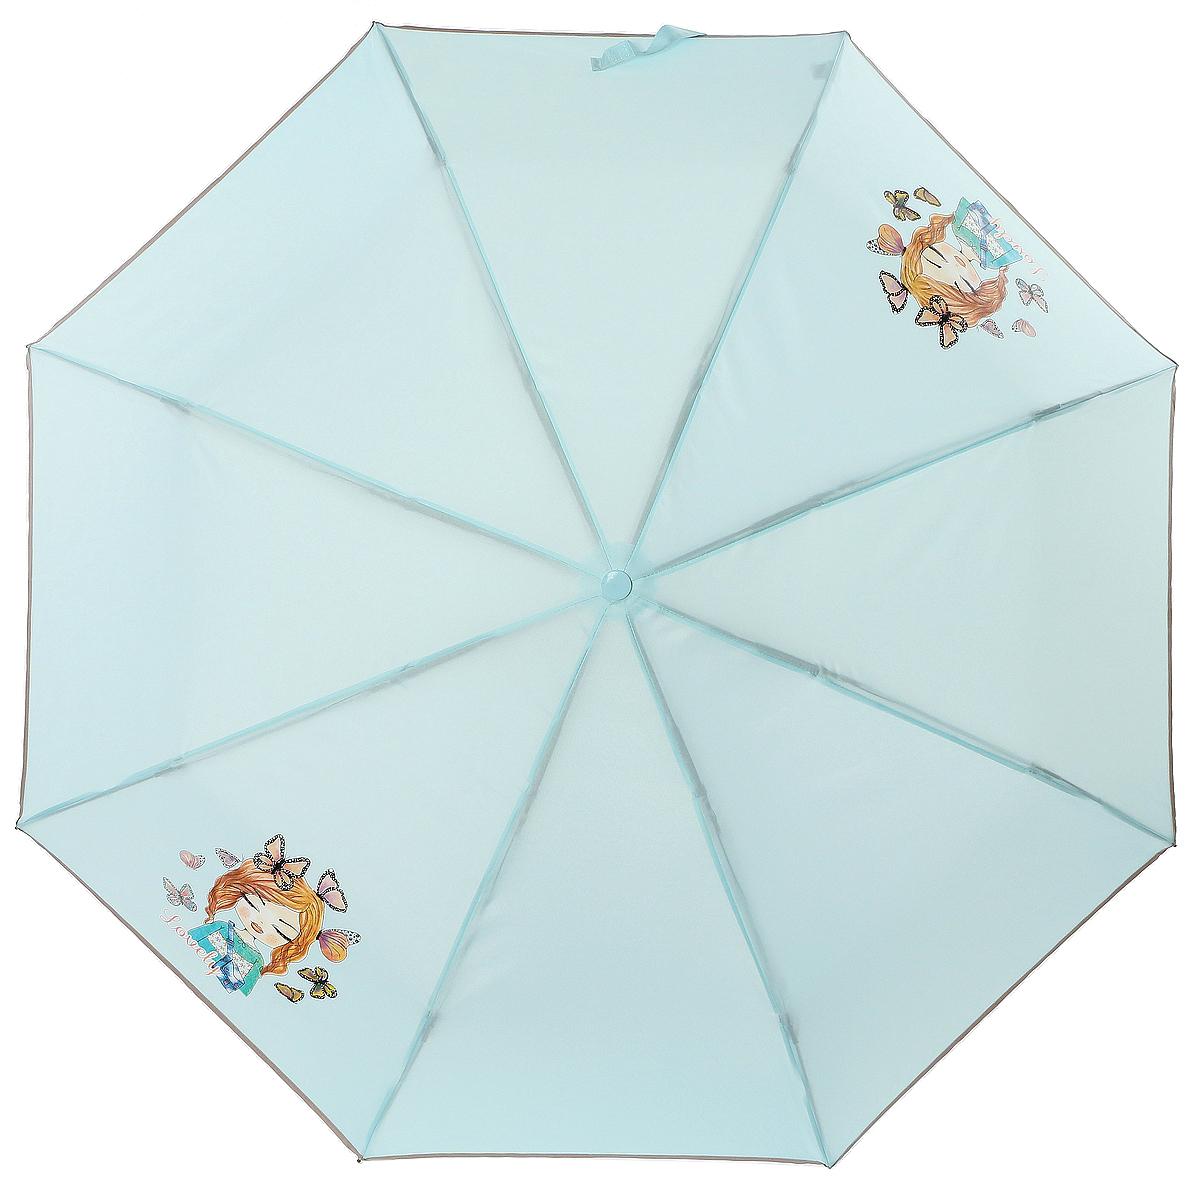 Зонт Artrain арт.3511-1709 зонт artrain механический 3 сложения цвет синий 3517 1732